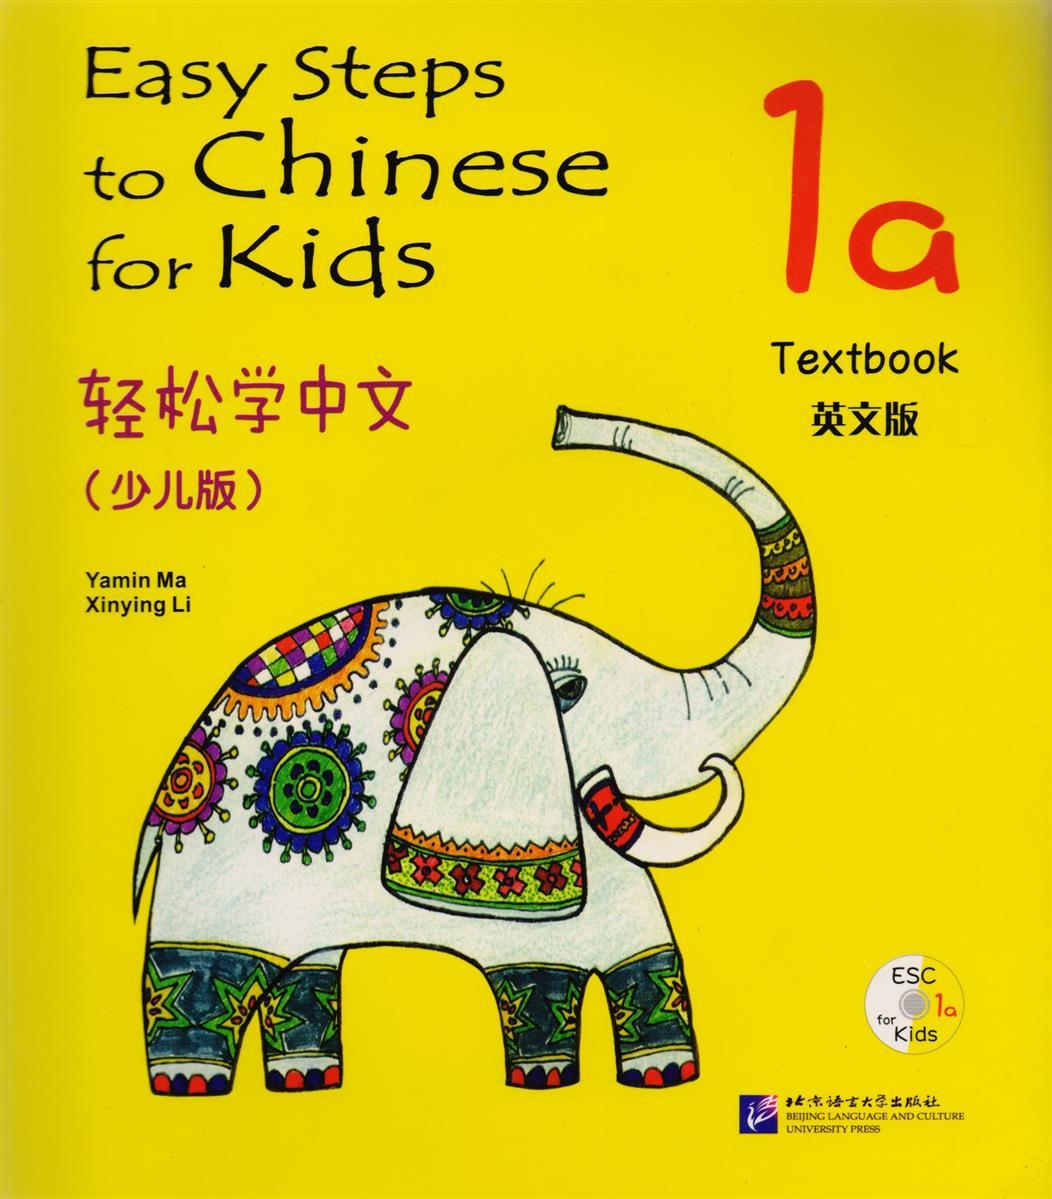 Easy Steps to Chinese for kids 1A - SB&CD / Легкие Шаги к Китайскому для детей. Часть 1A - Учебник с CD (на китайском и английском языках)